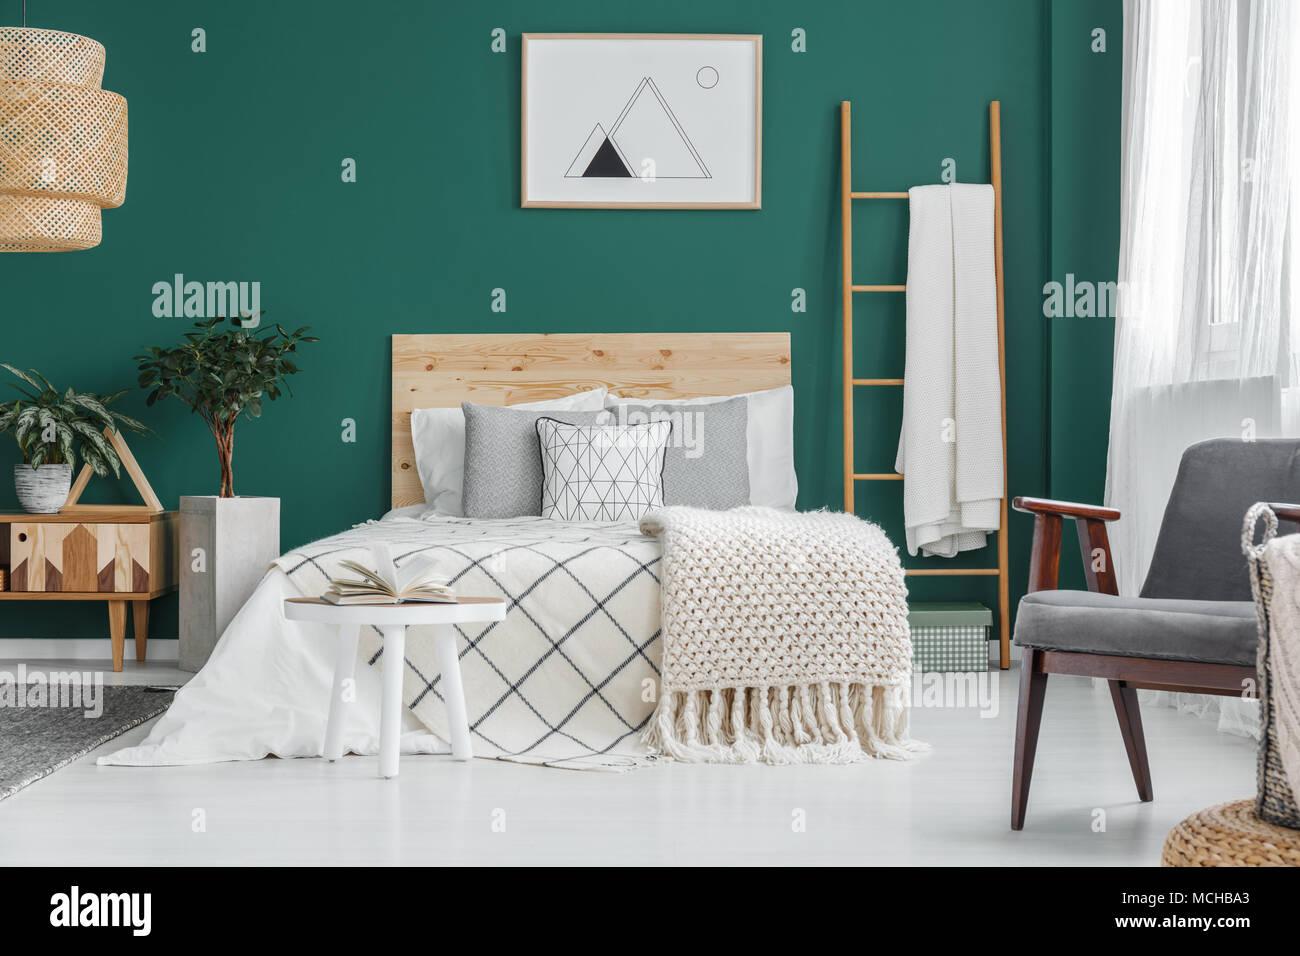 Poster auf grüne Wand über dem Bett im Schlafzimmer Innenraum mit ...